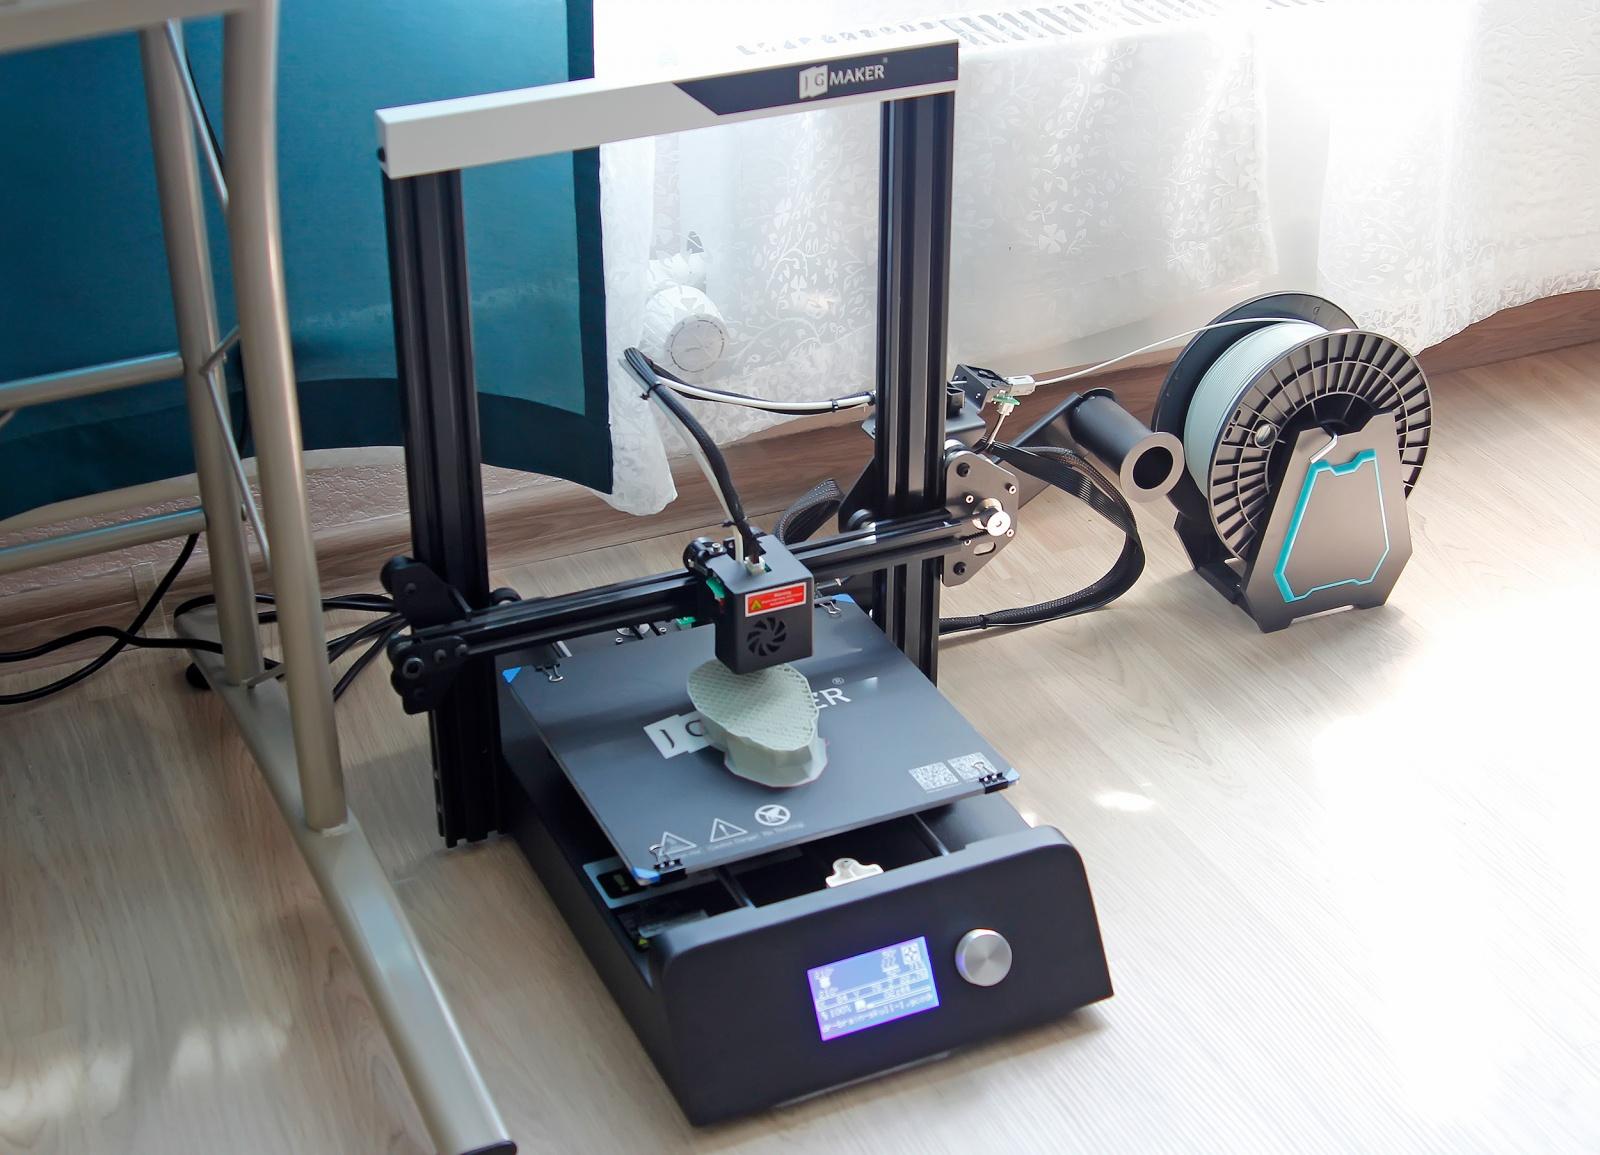 JG Maker — достойная альтернатива недорогим 3D-принтерам для начинающих - 40